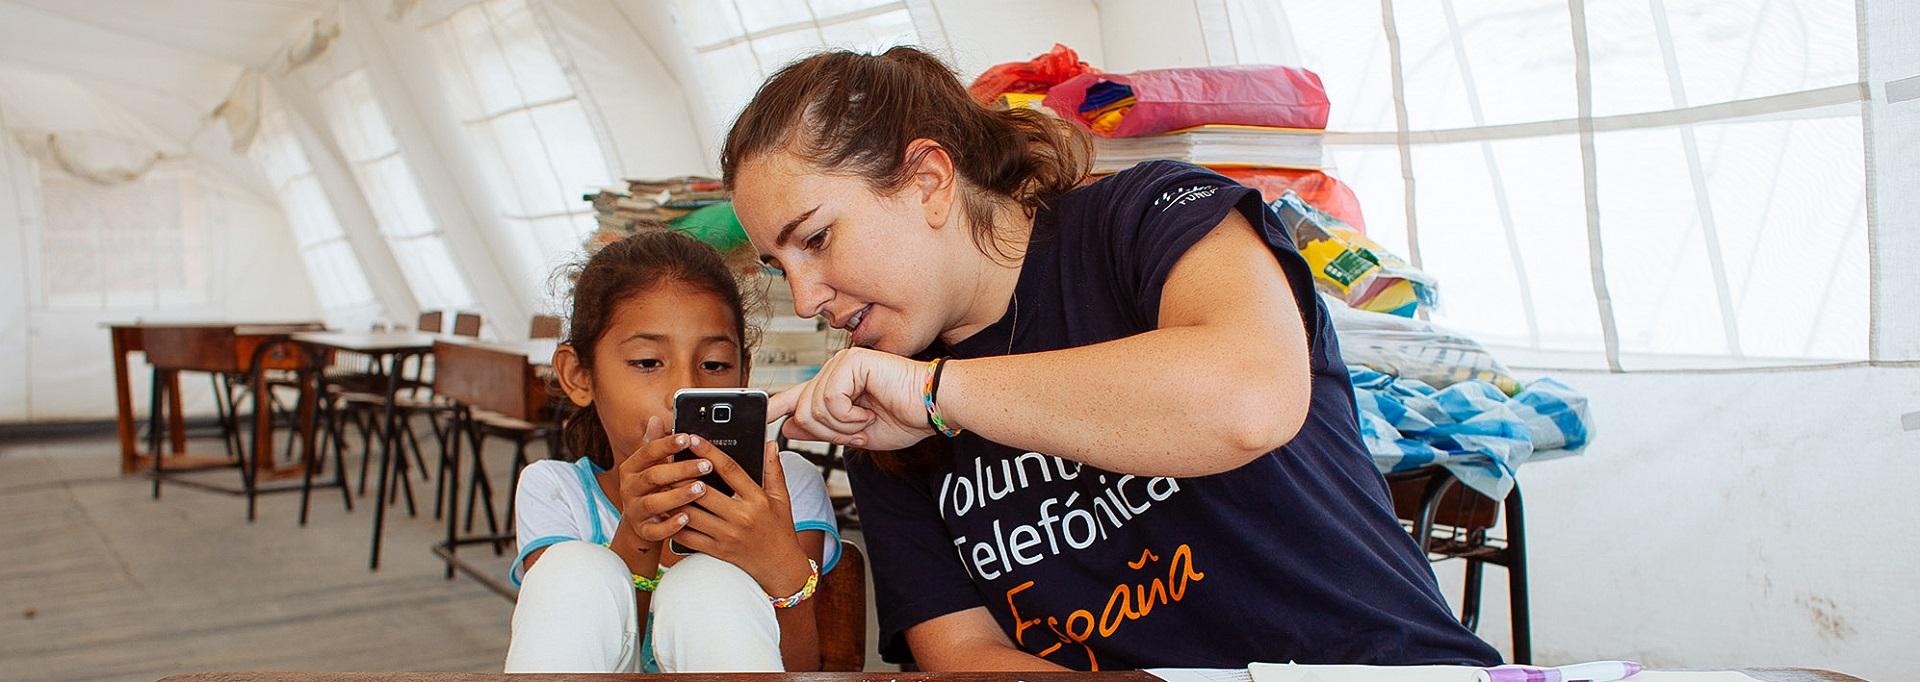 Voluntarios Telefonica vacaciones solidarias fundacion telefonica